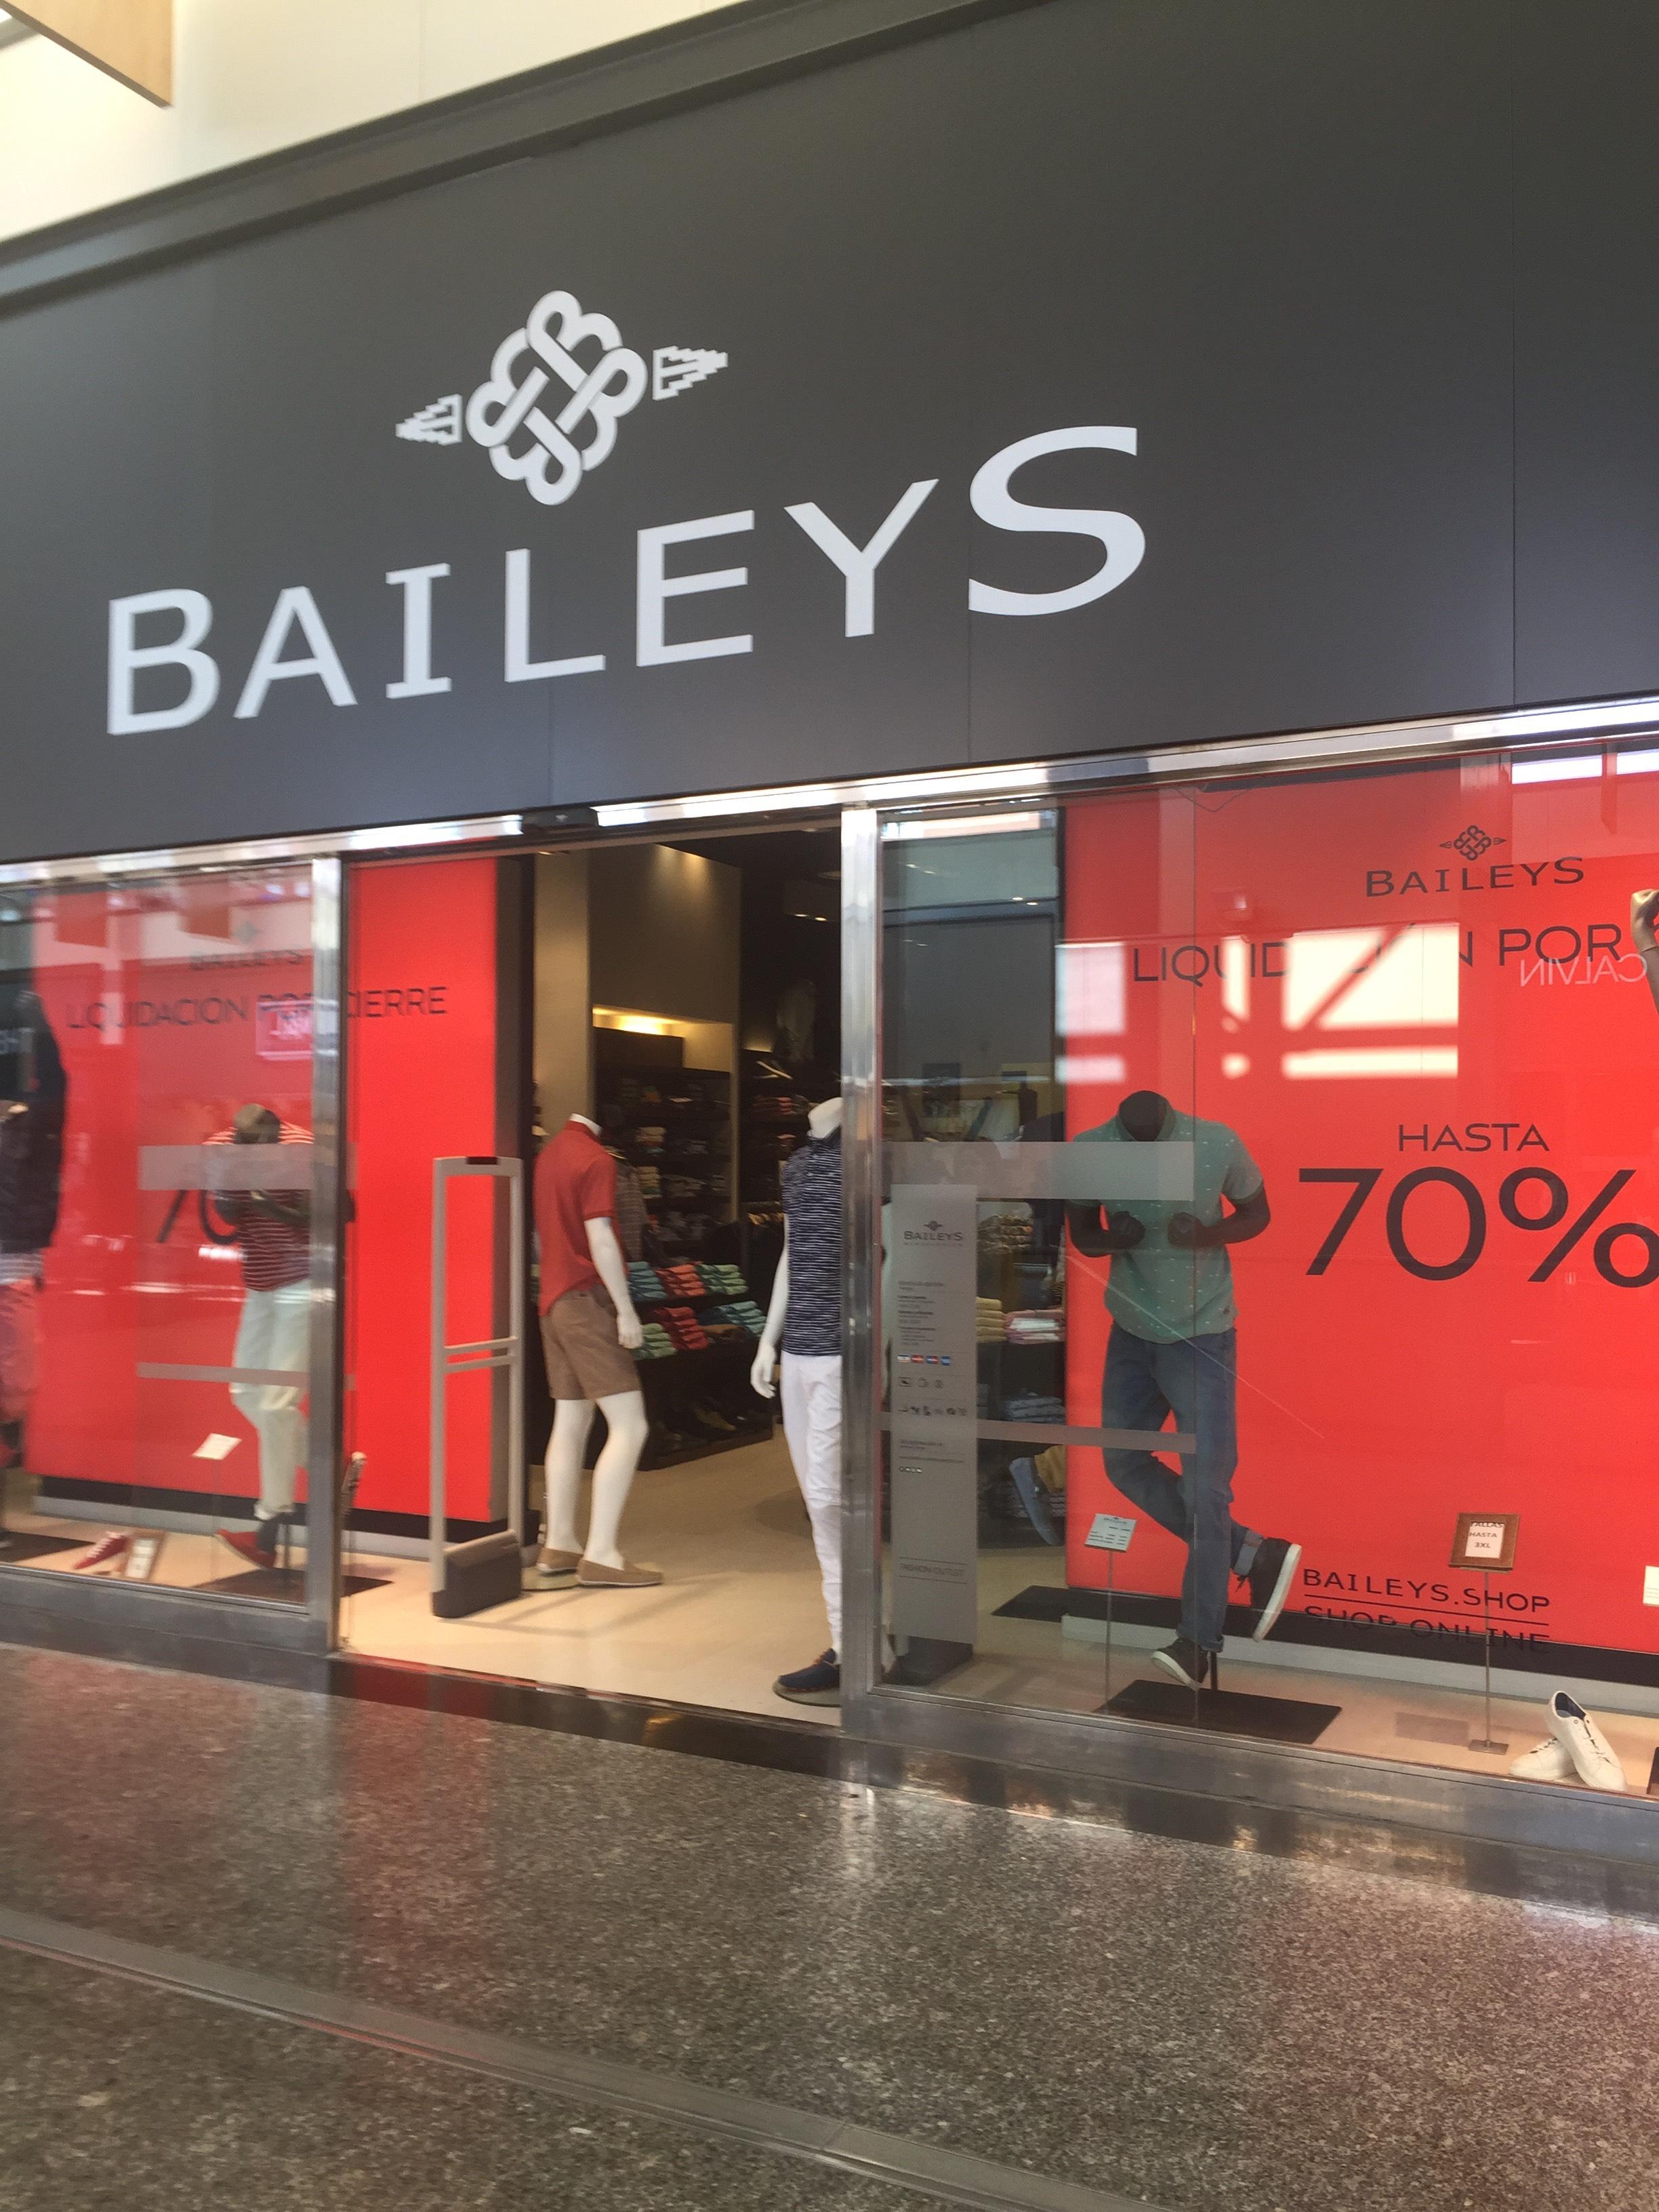 Hasta 70% Descuento Baileys Outlet MegaPark por cierre